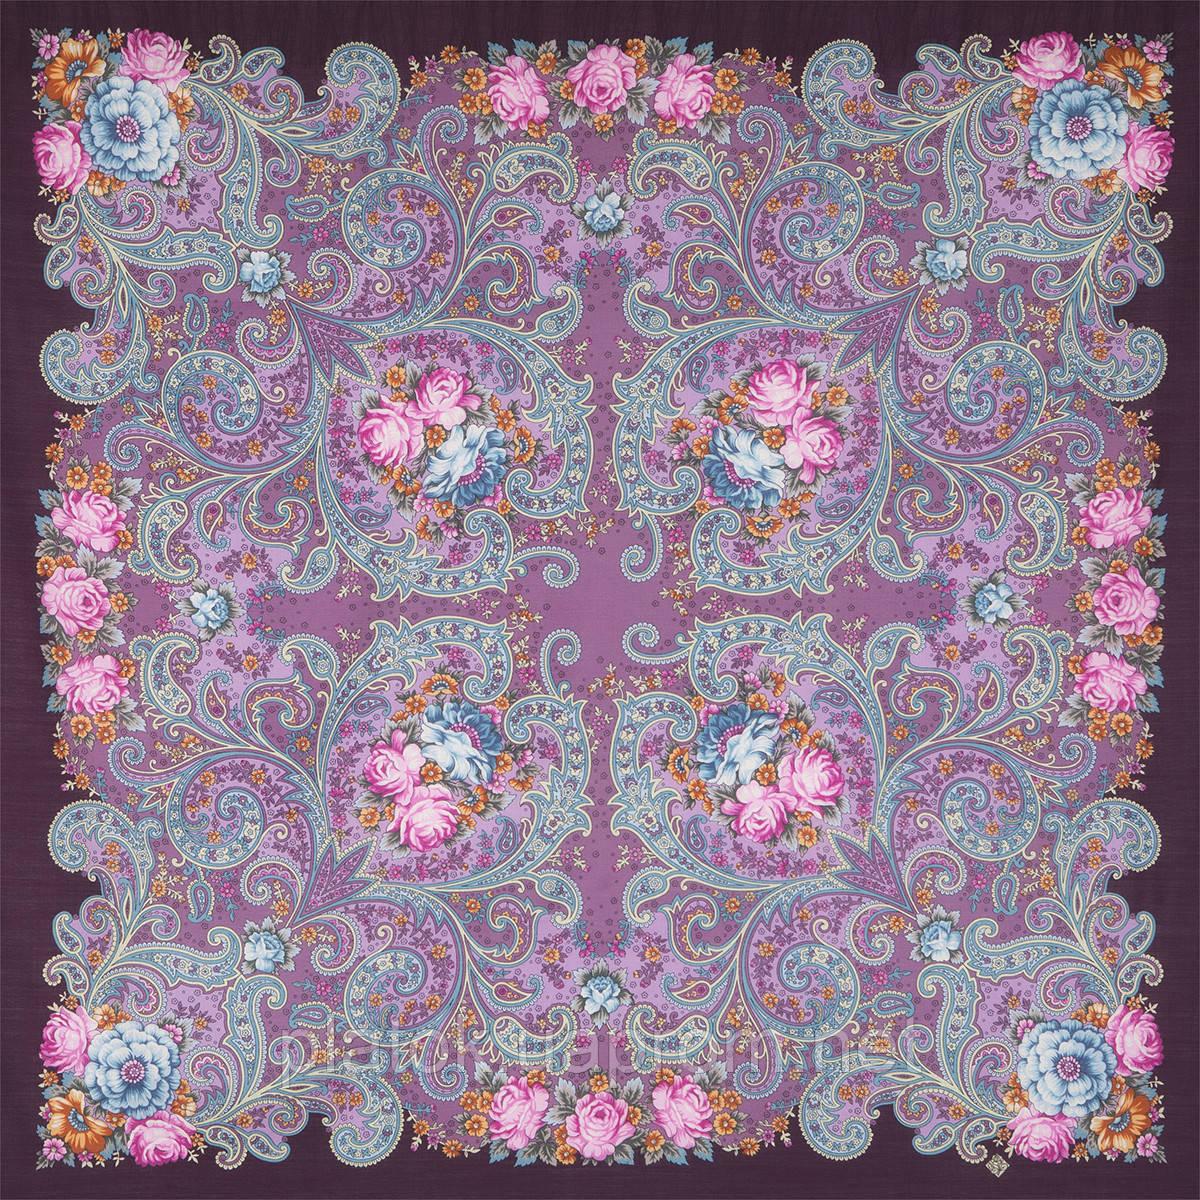 Мечты о счастье 1665-8, павлопосадский платок шерстяной с шелковой бахромой